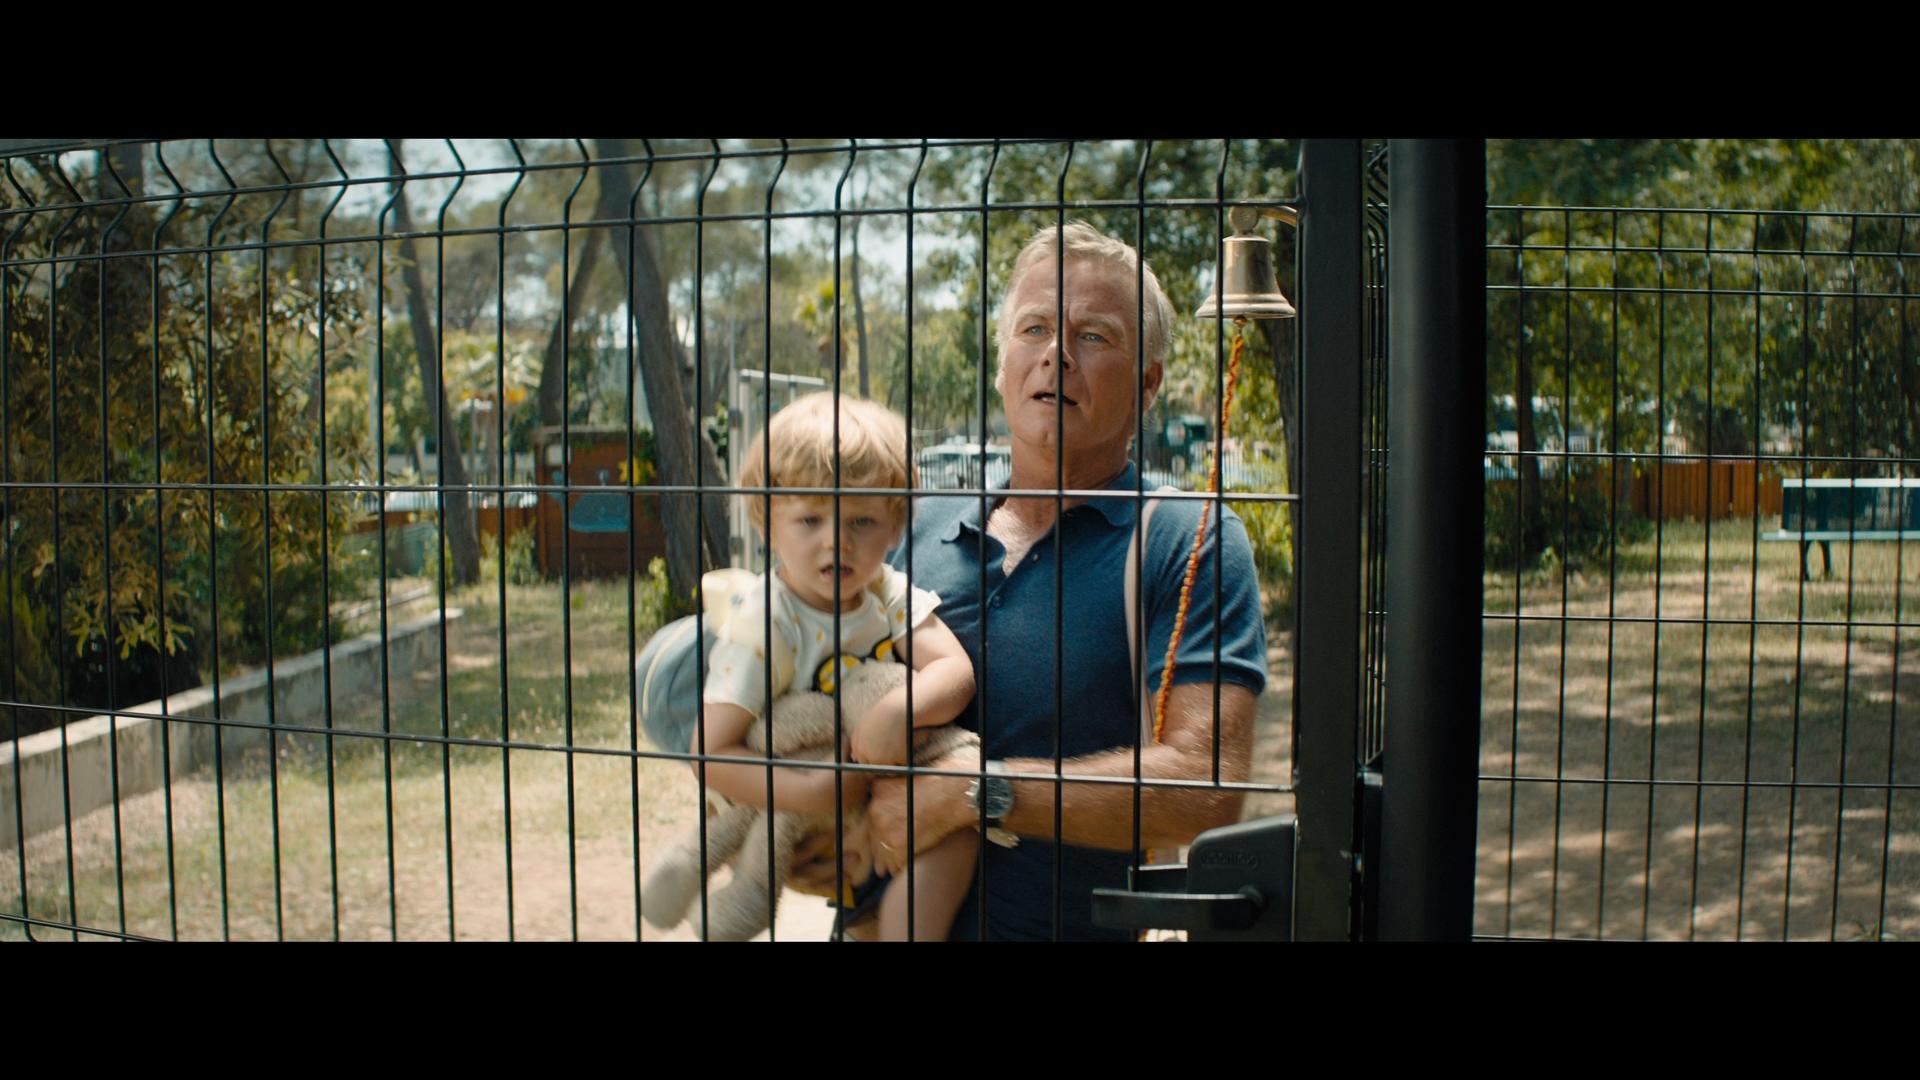 Mamá se va de viaje (2020) 1080p Remux